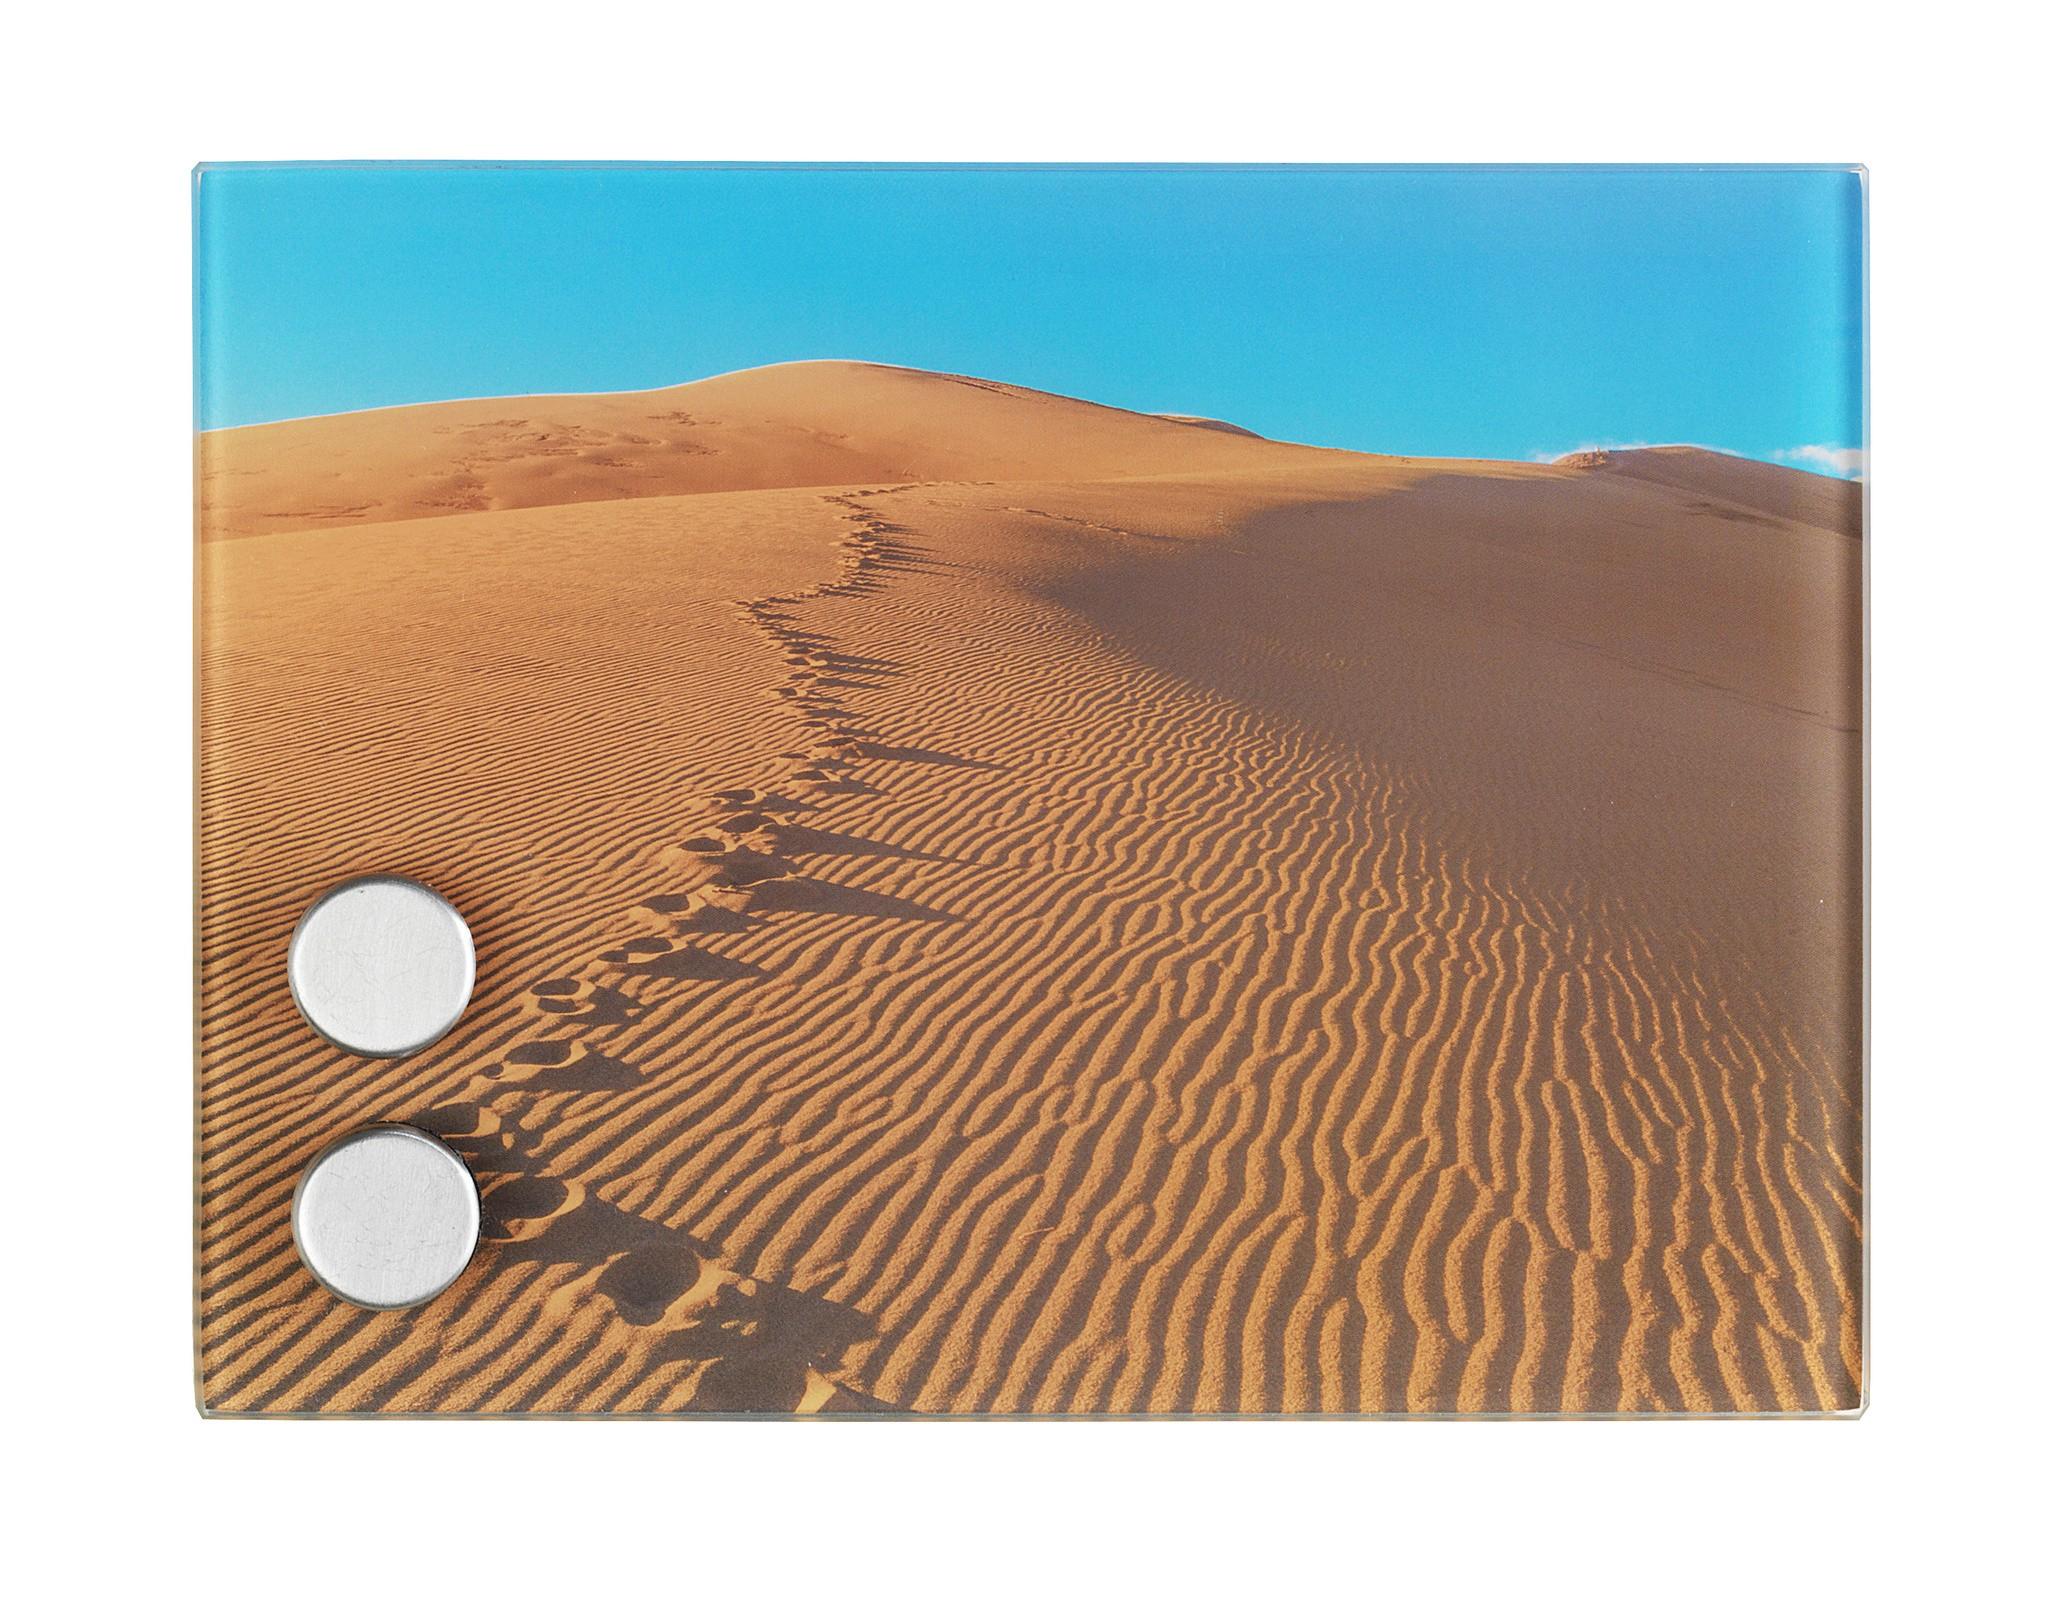 Schlüsselkasten Sanddüne, magnetisch, 20 x 15 cm